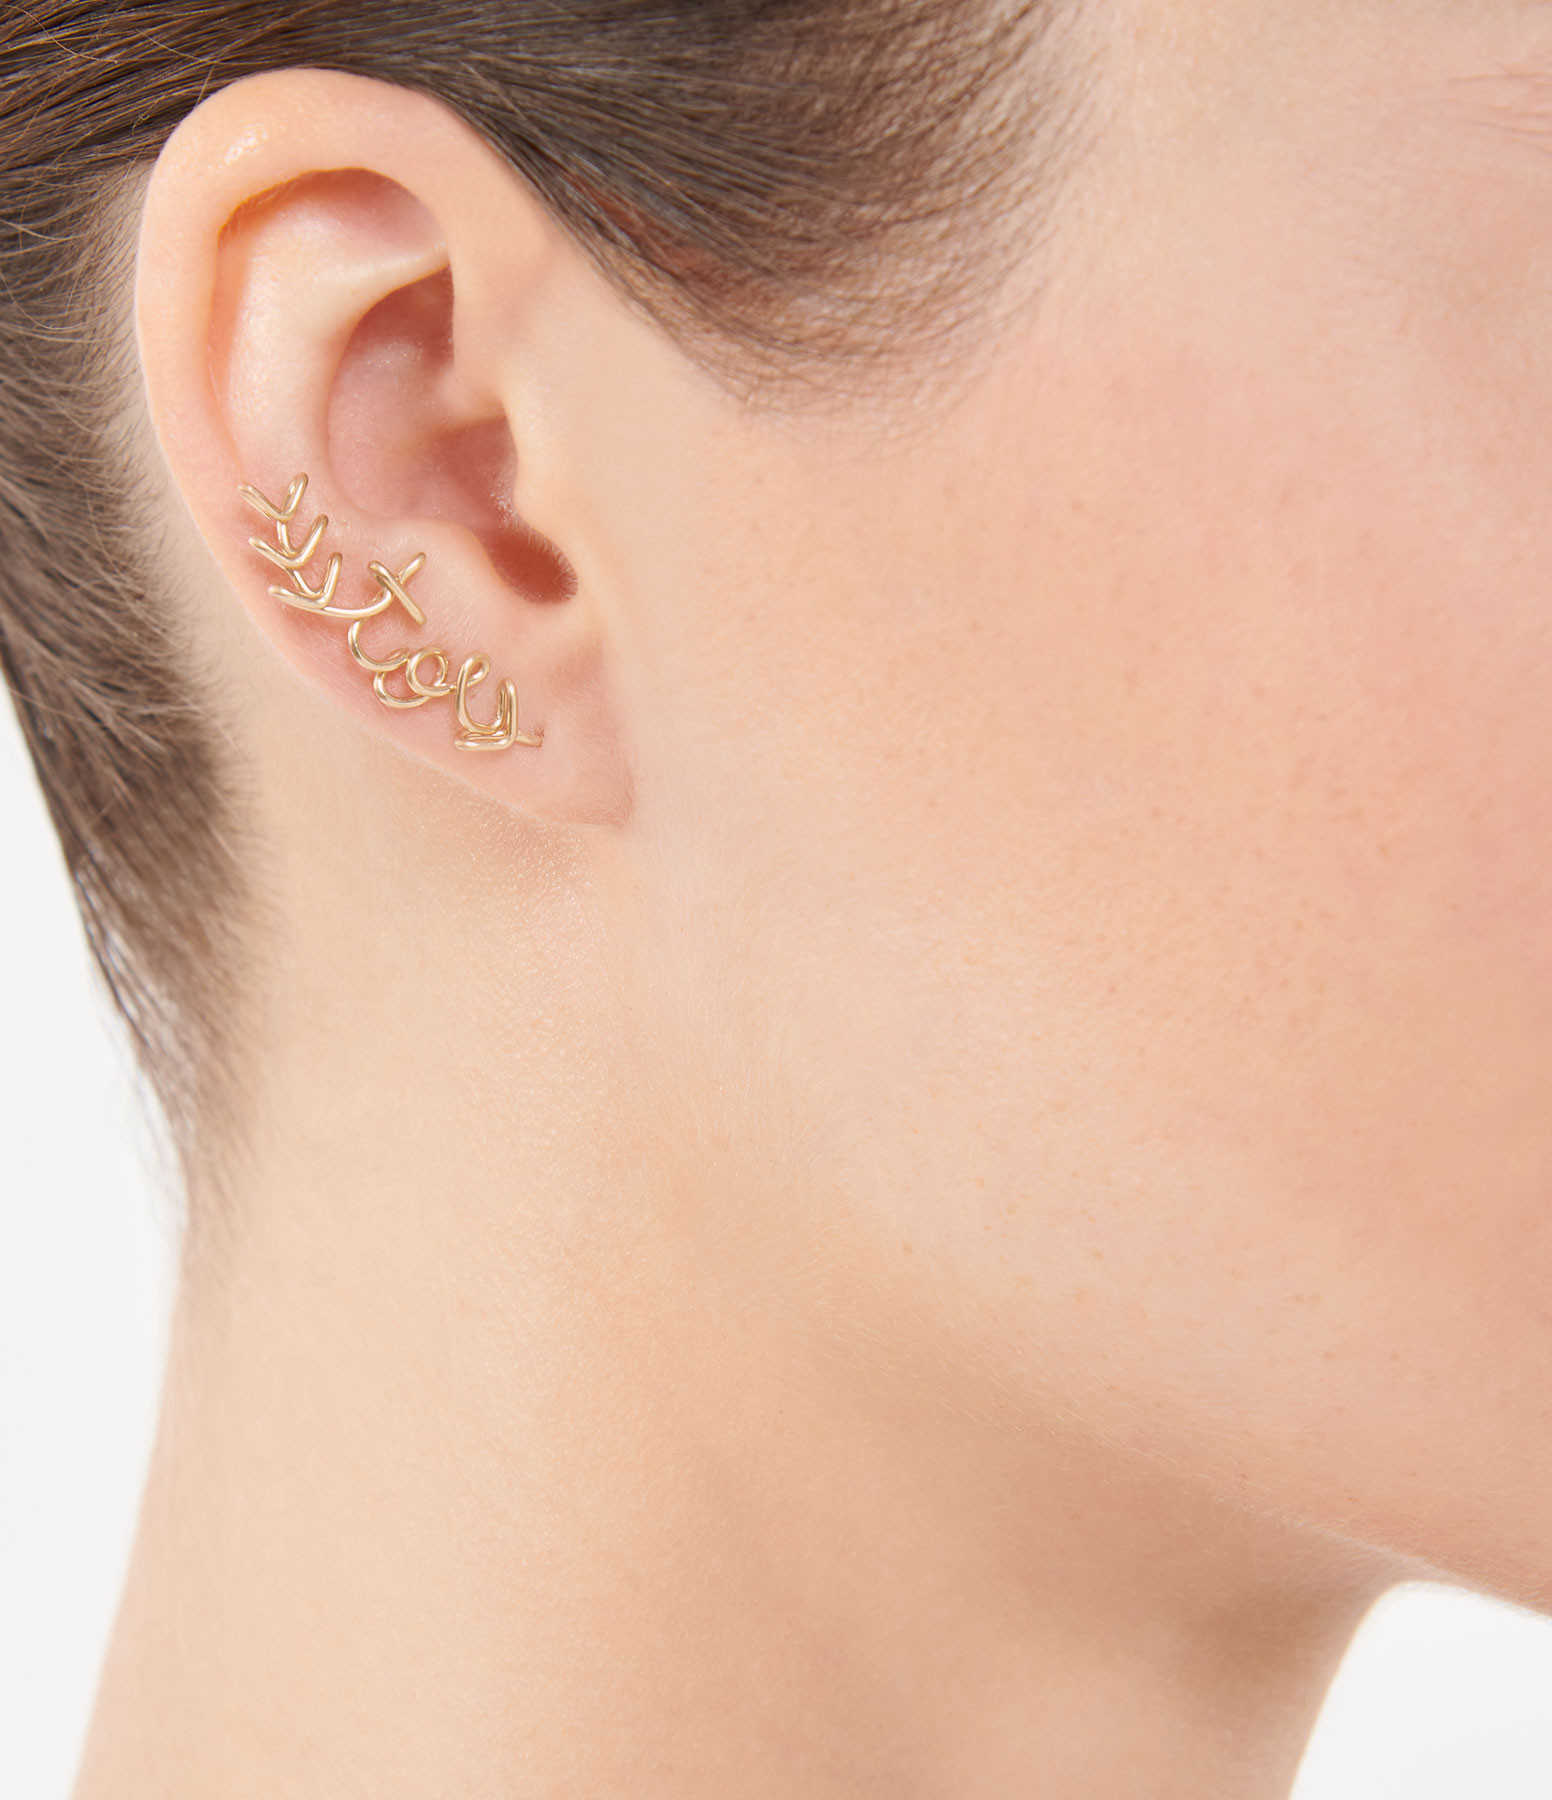 ATELIER PAULIN - Boucle d'oreille Earcuff Toi Gold Filled 14K Jaune (vendue à l'unité)